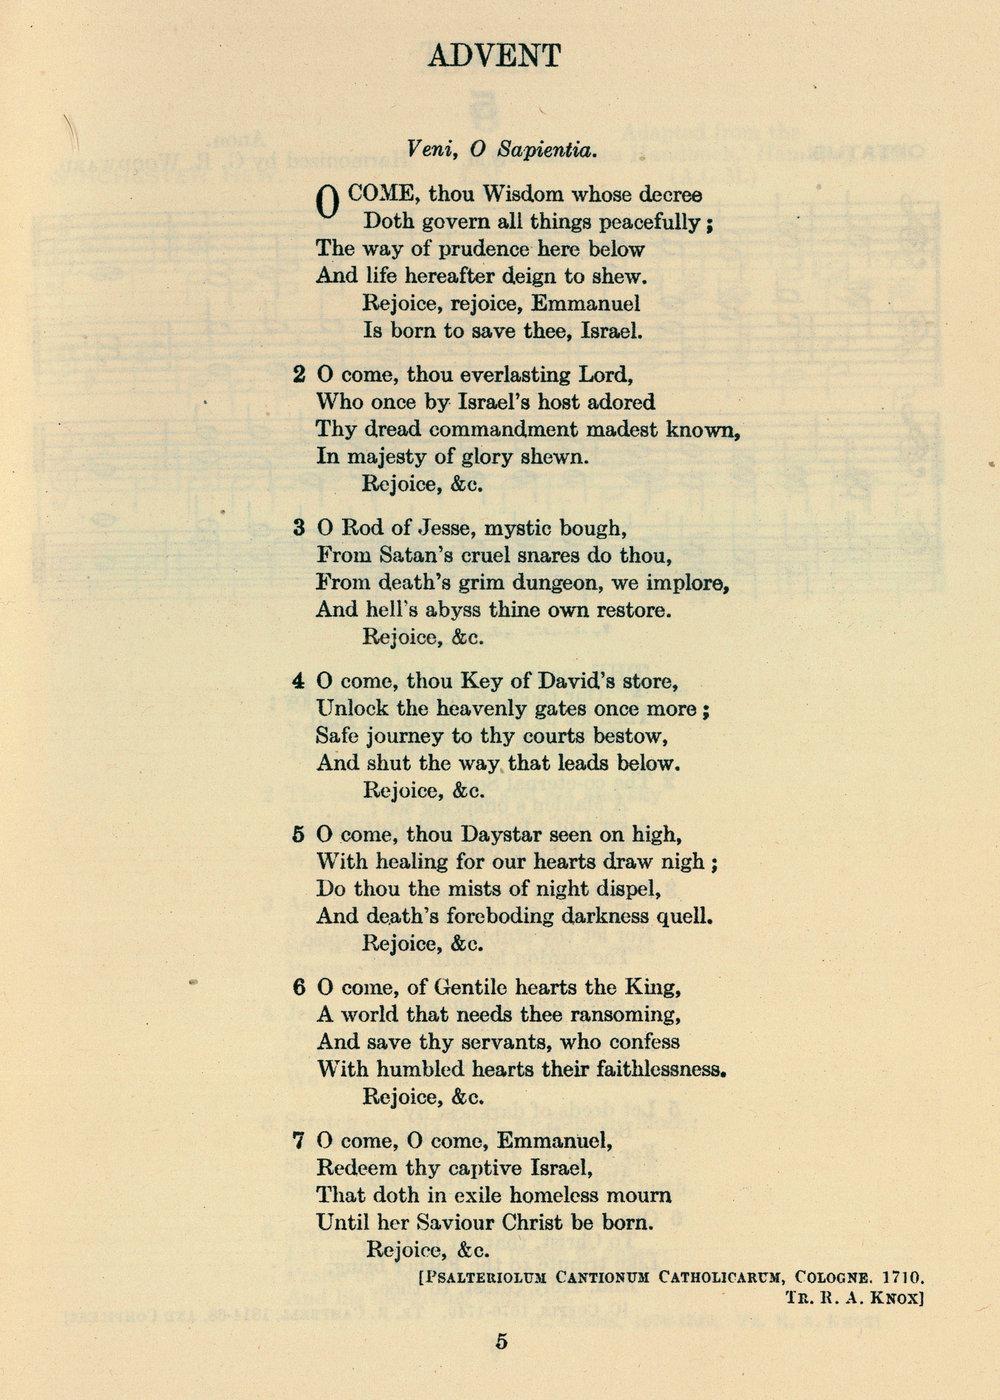 OCome-WestminsterHymnal-1939_001b.jpg